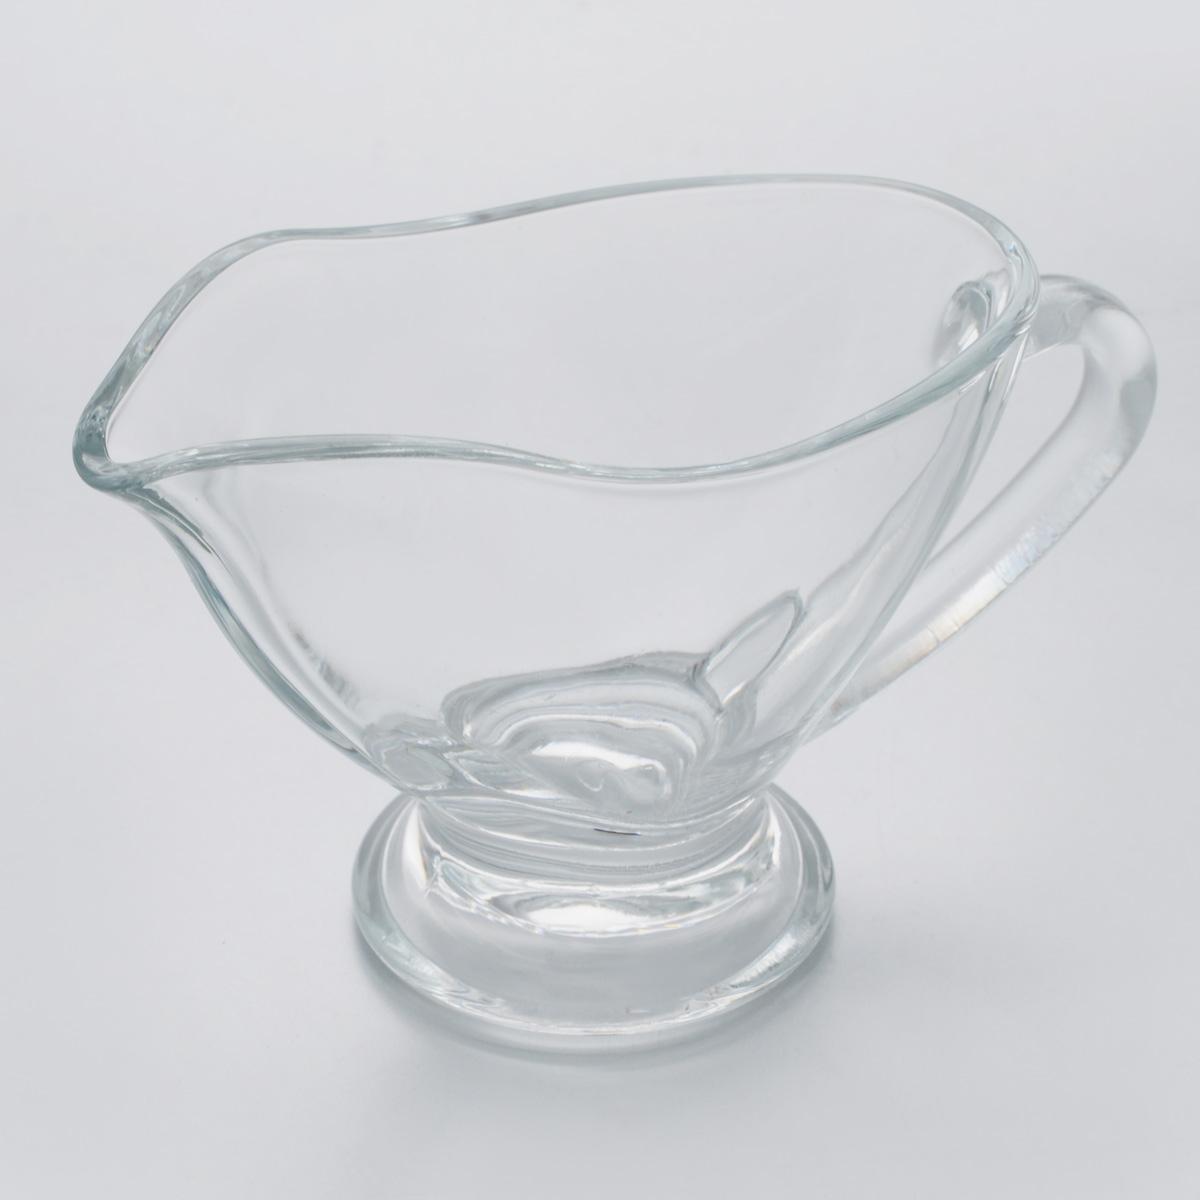 Соусник Pasabahce Basic, 170 мл55012BЭлегантный соусник Pasabahce Basic изготовлен из прочного натрий-силикатного стекла. Благодаря этому соуснику вы всегда сможете красиво и эстетично подать соус к столу. Изделие придется по вкусу и ценителям классики, и тем, кто предпочитает утонченность и изящность. Соусник Pasabahce Basic украсит сервировку вашего стола и подчеркнет прекрасный вкус хозяина. Можно мыть в посудомоечной машине. Размер по верхнему краю: 12,5 х 7 см.